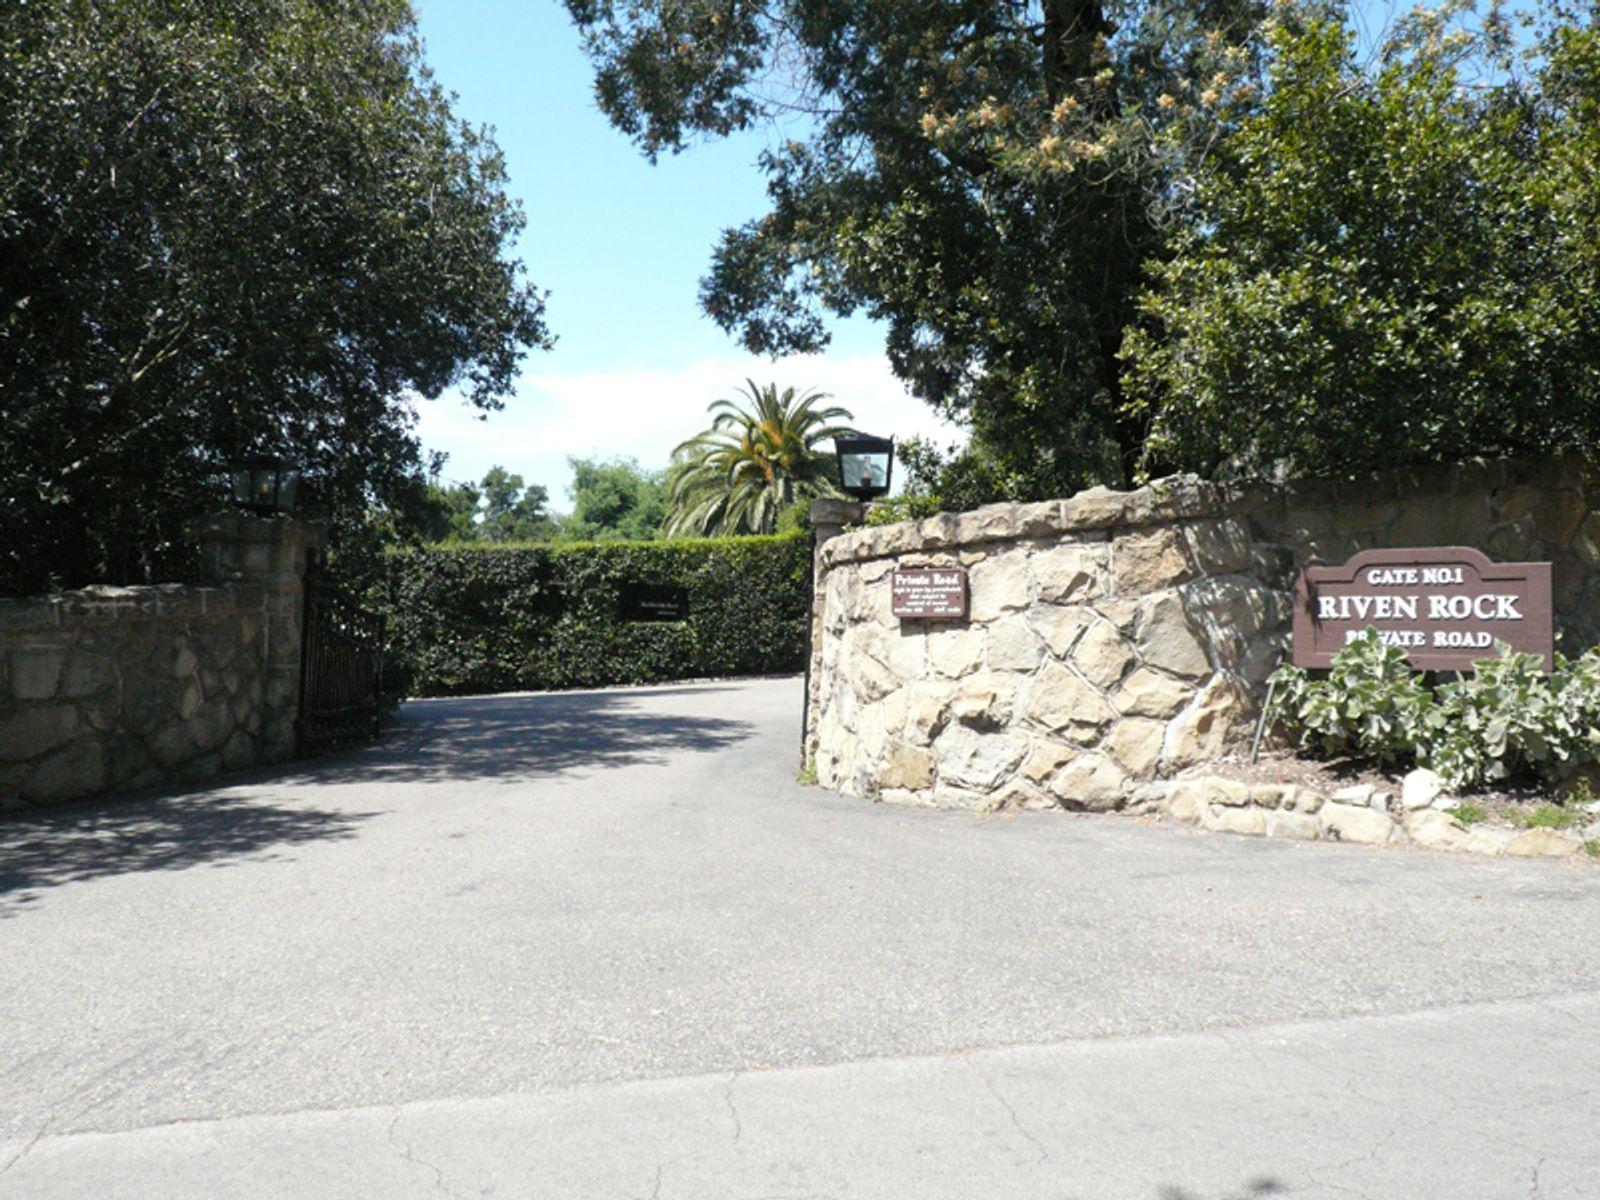 Riven Rock Gates